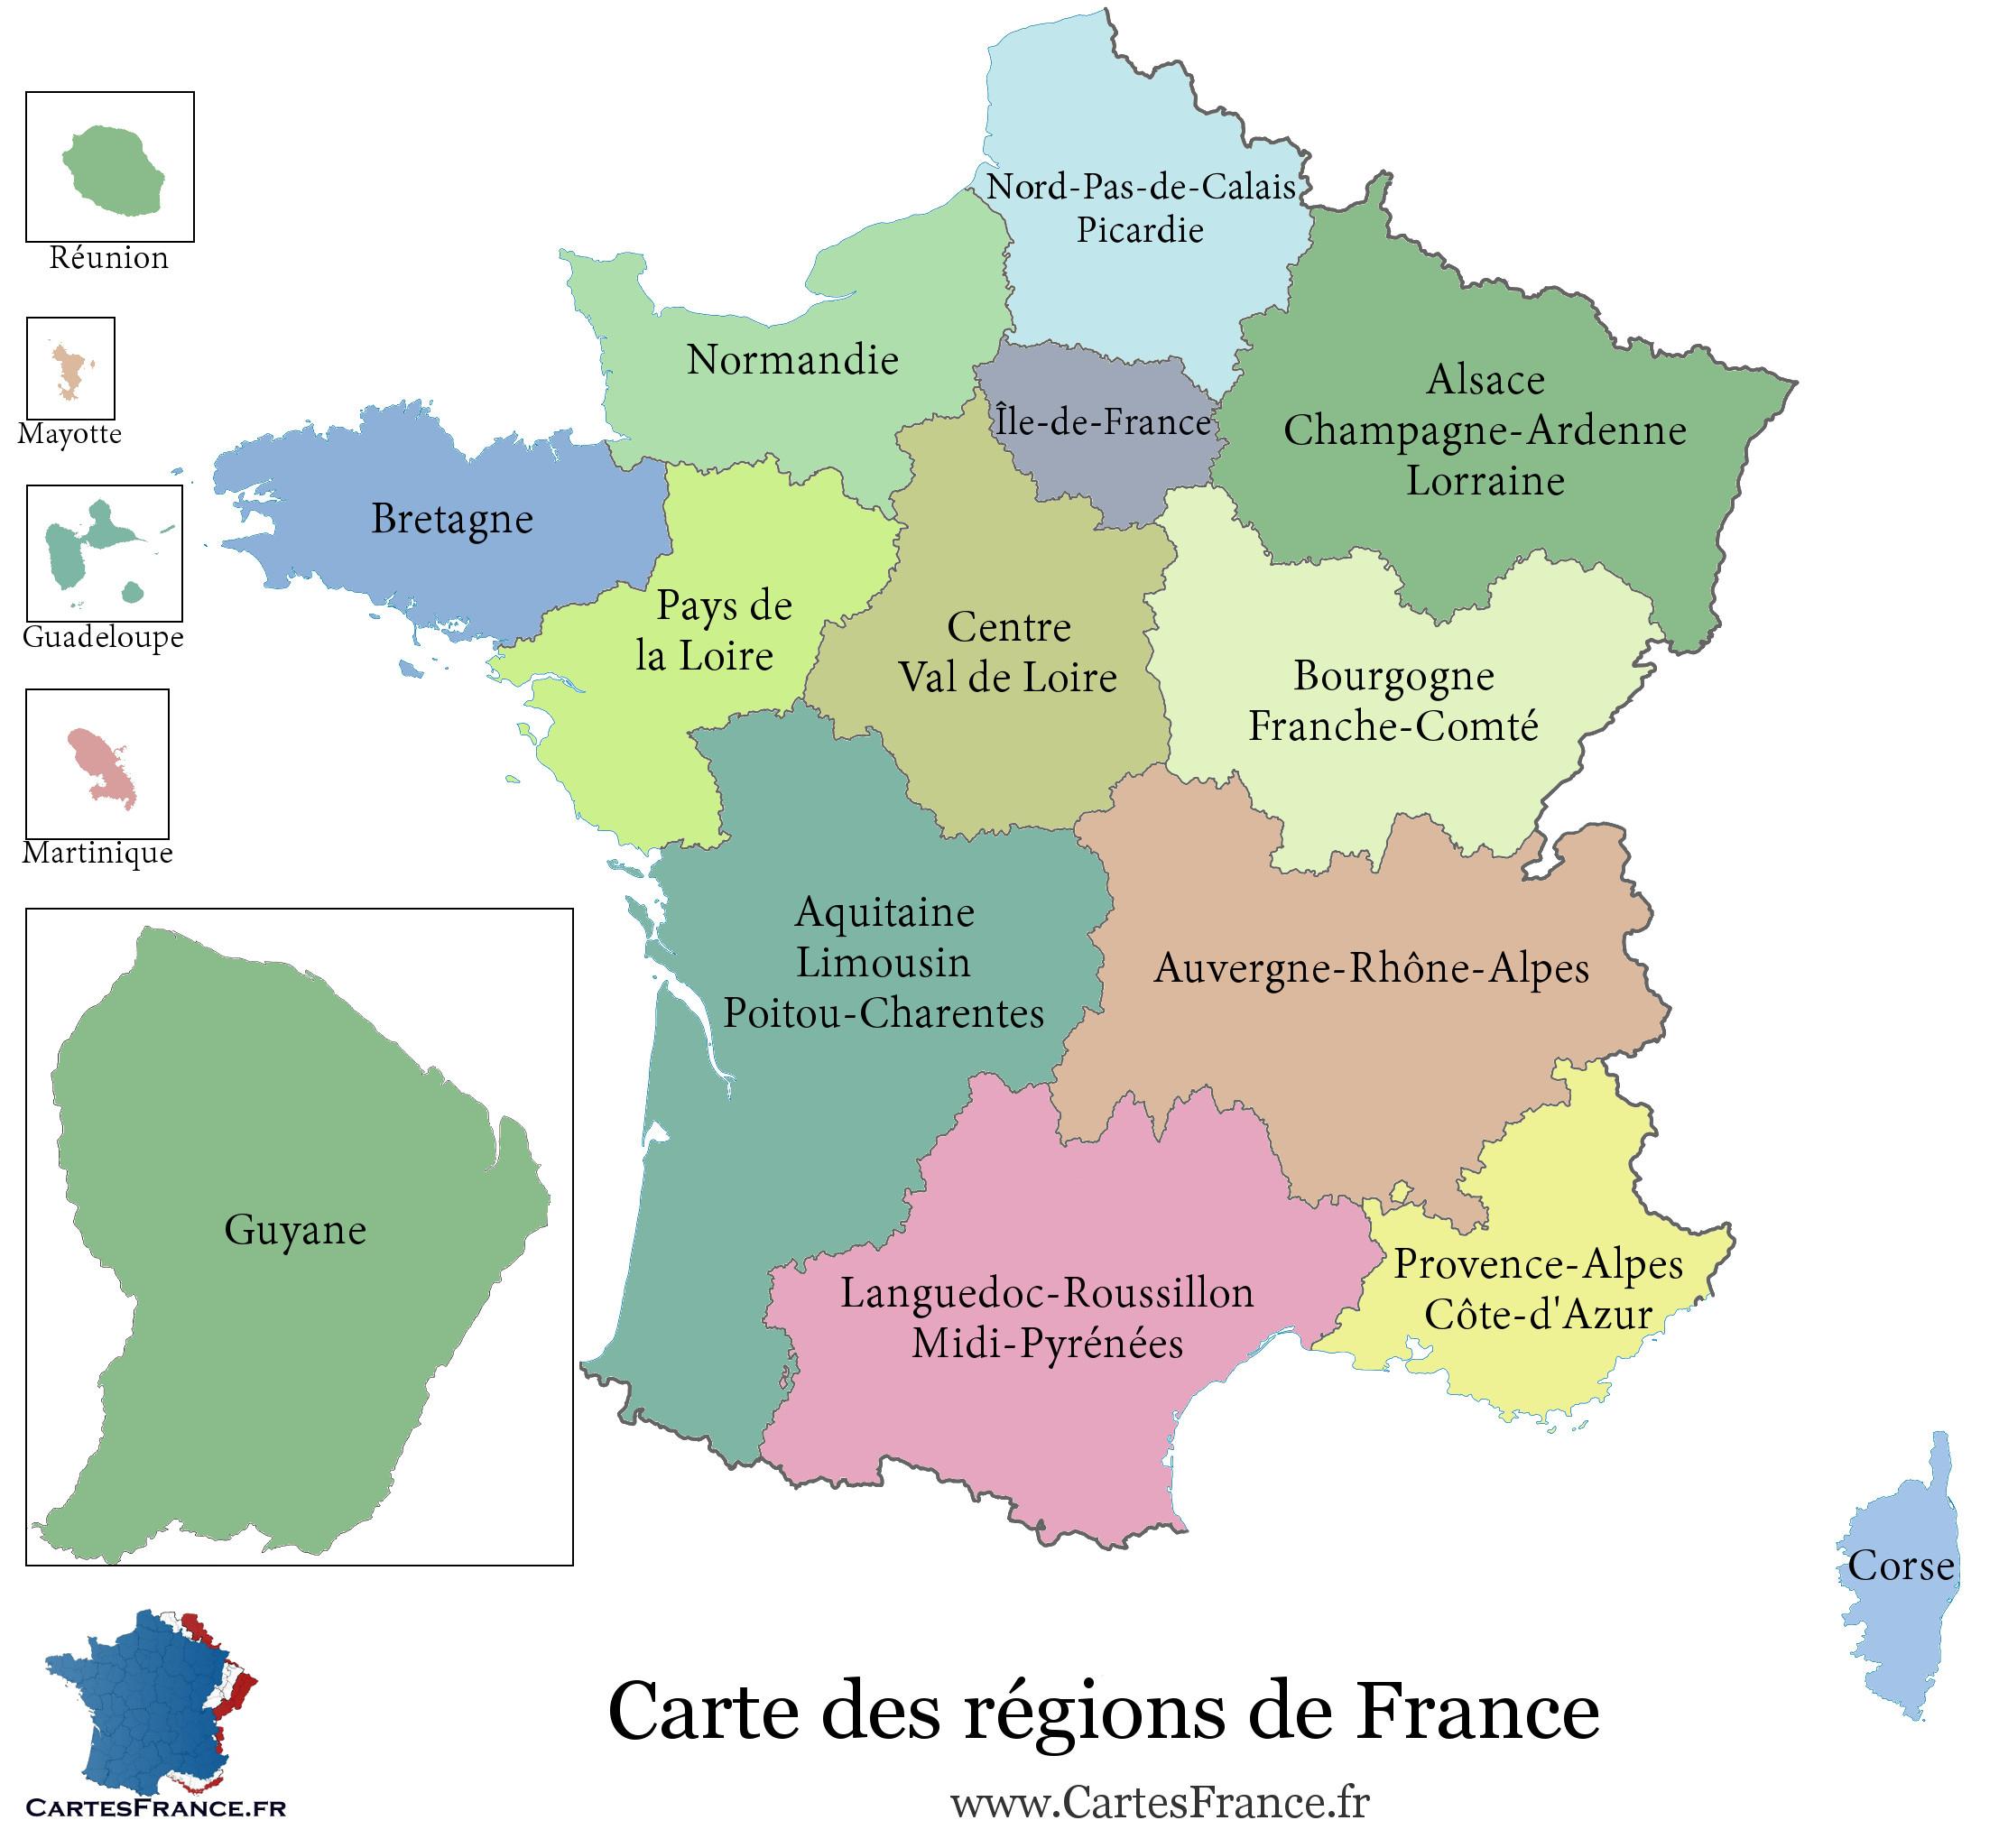 Carte De France Region - Carte Des Régions Françaises pour Nombre De Régions En France 2017